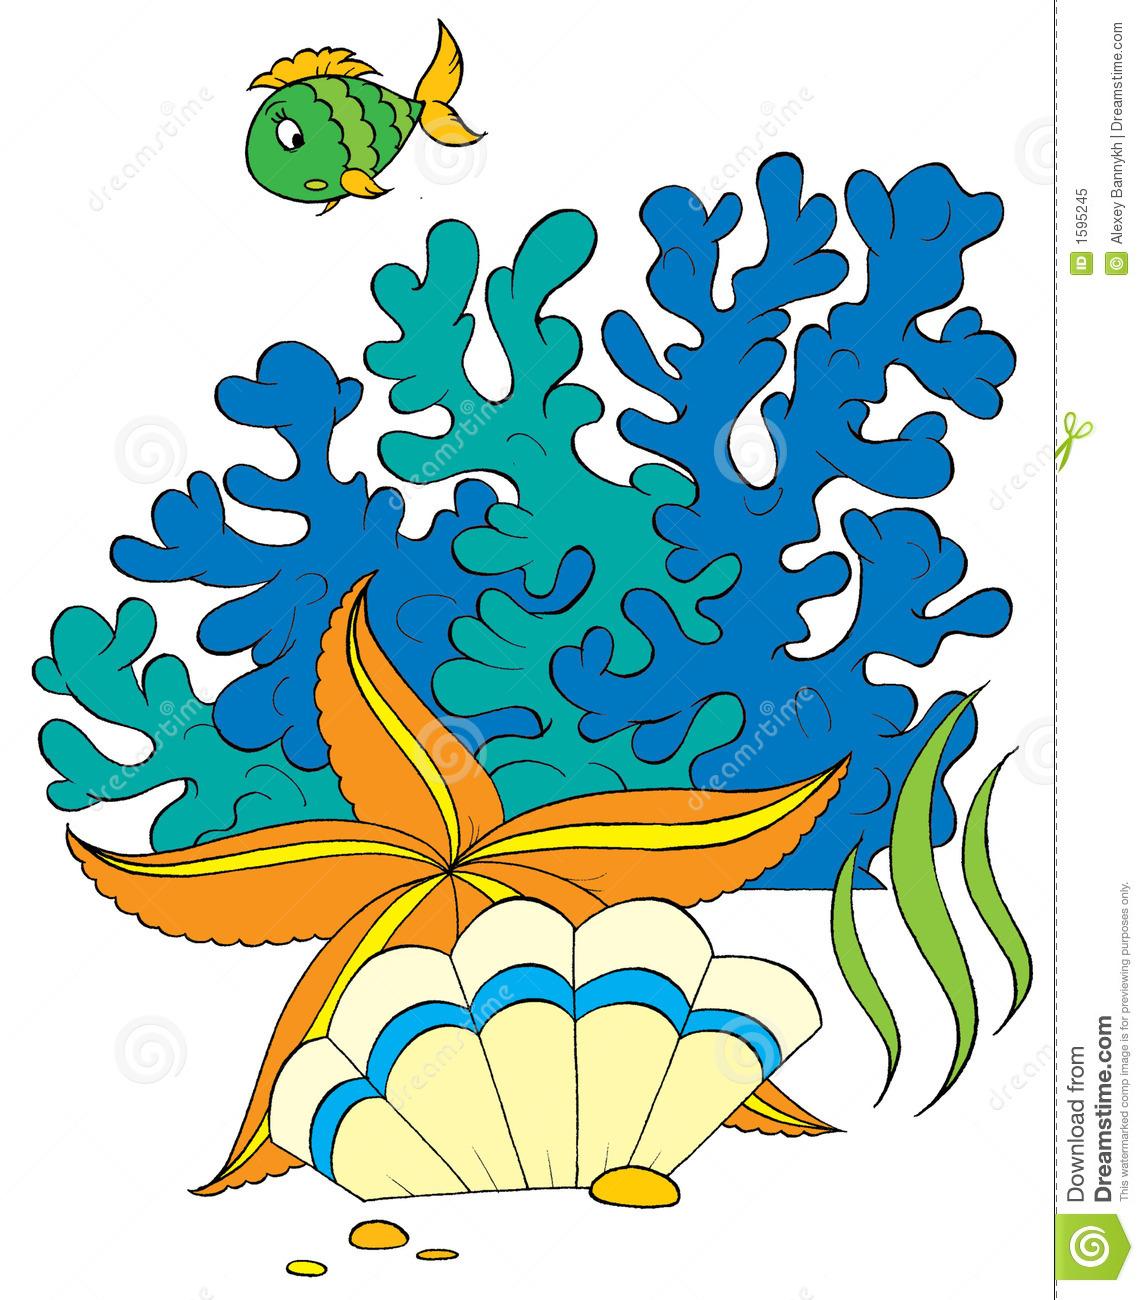 1144x1300 Top 77 Sea Star Clip Art